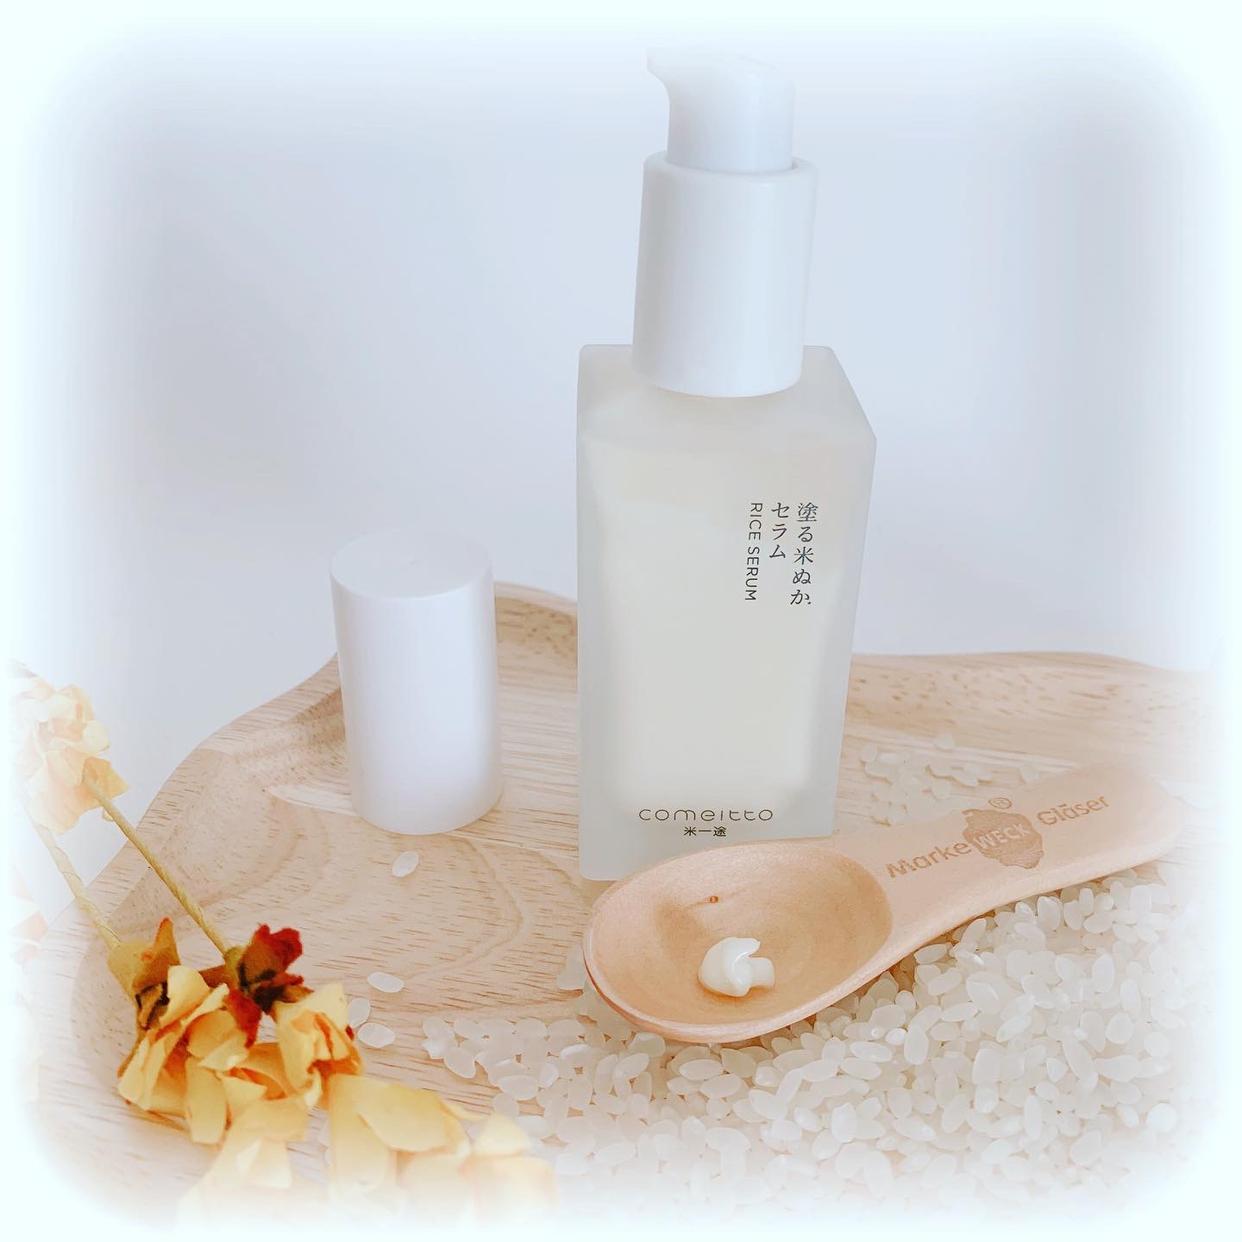 米一途(comeitto) 塗る米ぬかセラムを使ったsnowmiさんのクチコミ画像2